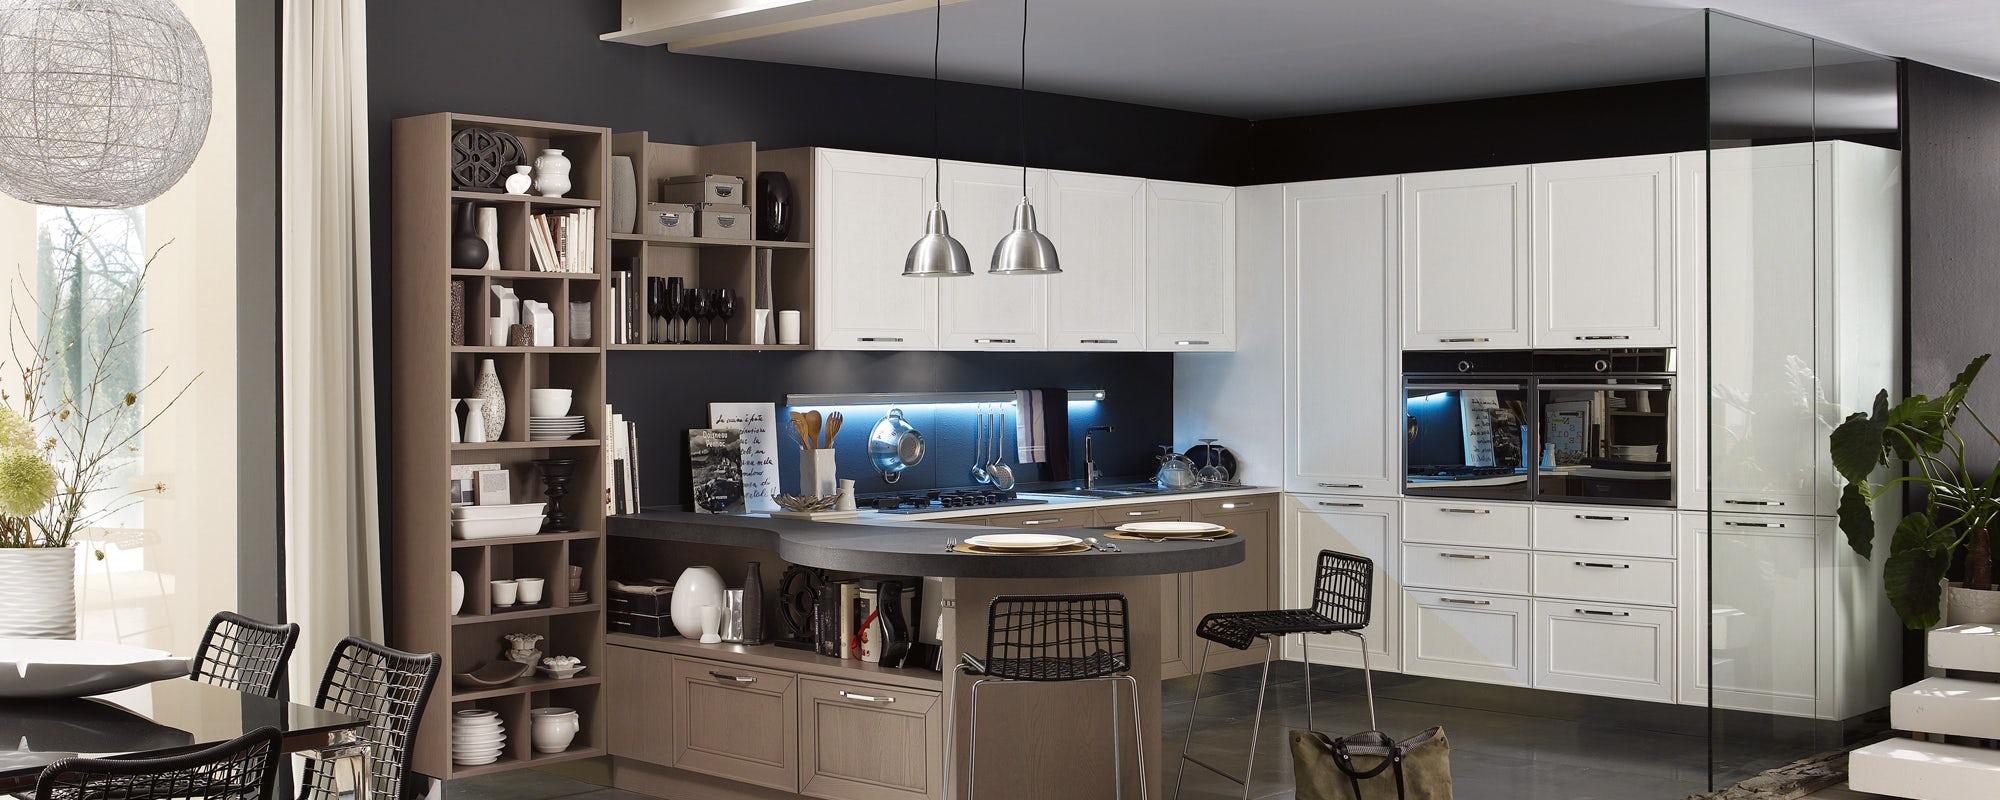 Stosa Cucine | Zetadesign - Arredamento Brescia - Mobili su misura